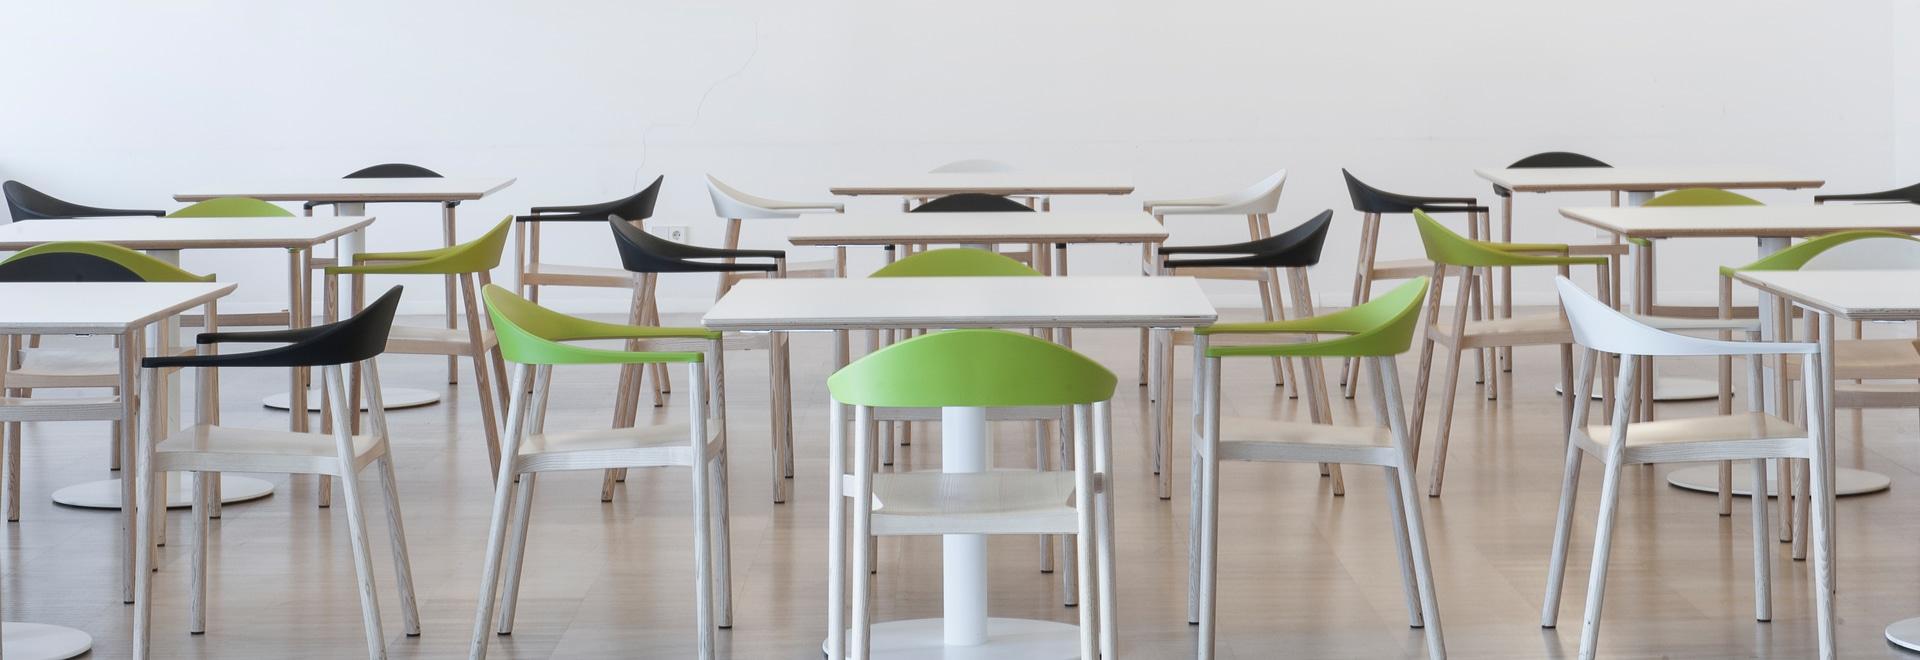 muebles italianos del diseo butaca de monza en la escuela profesional gutenberg - Muebles Italianos